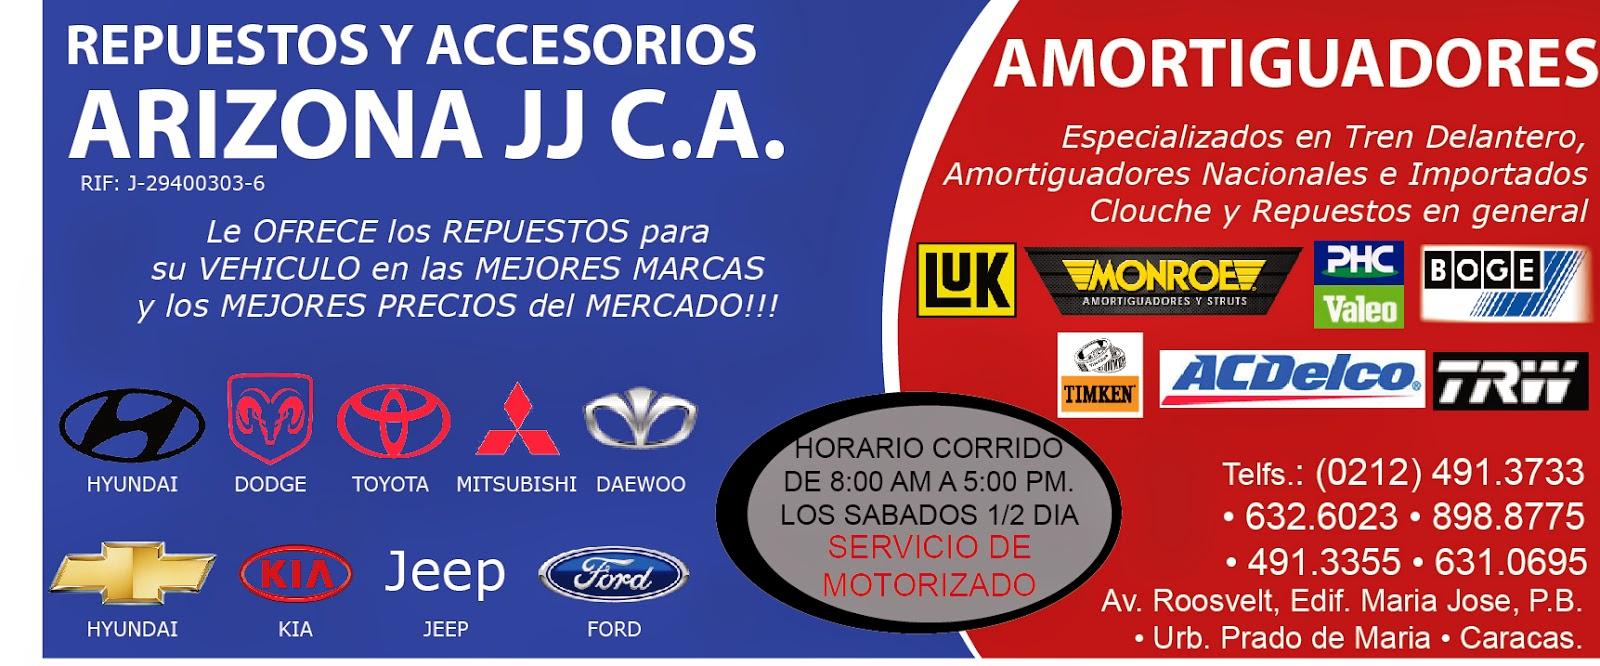 REPUESTOS Y ACCESORIOS ARIZONA JJ, C.A. en Paginas Amarillas tu guia Comercial